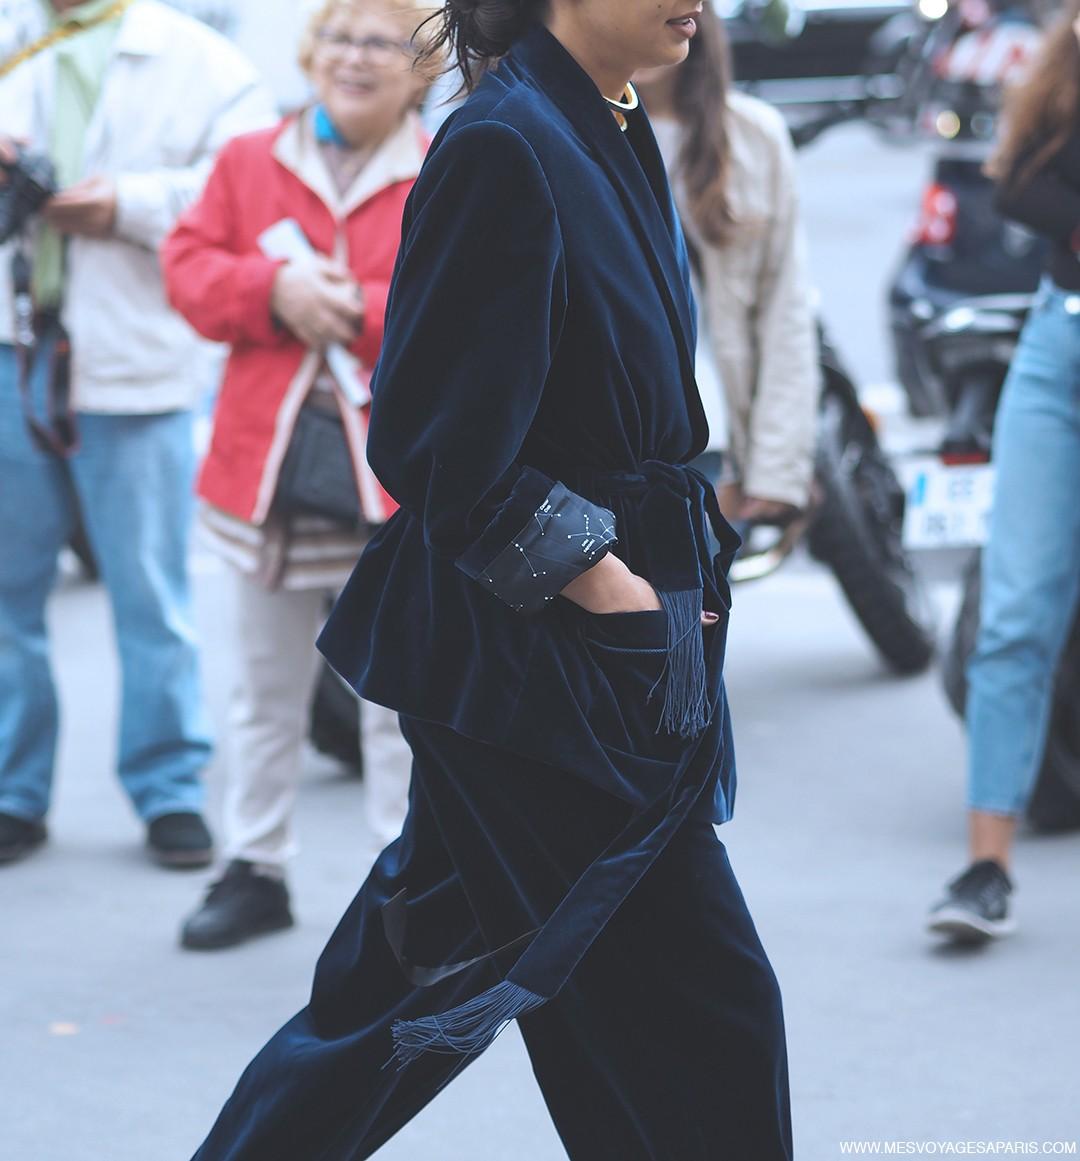 street-style-paris-fashion-week-september-2016paris-fashion-week-street-style-september-2016pa011262-copia